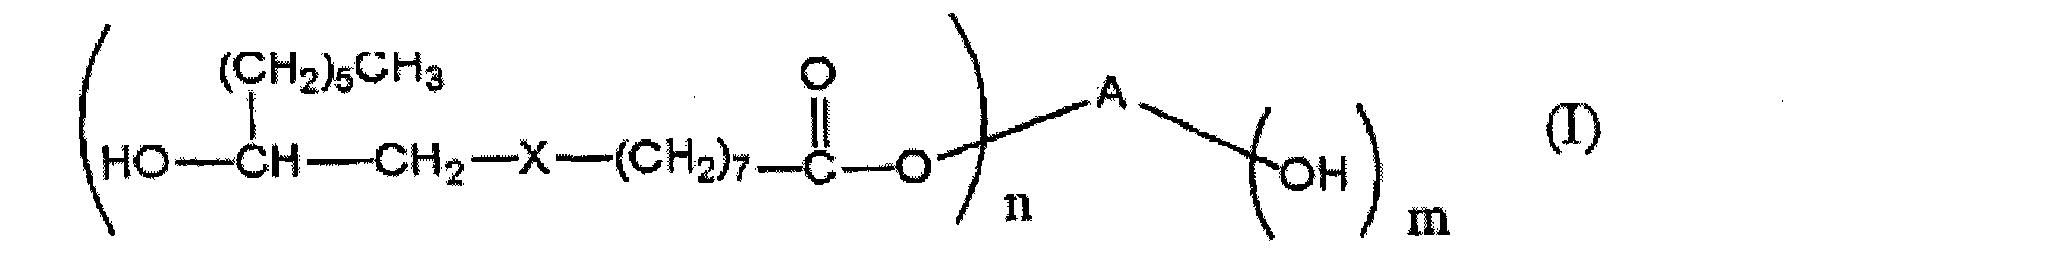 Figure CN101679588BD00031